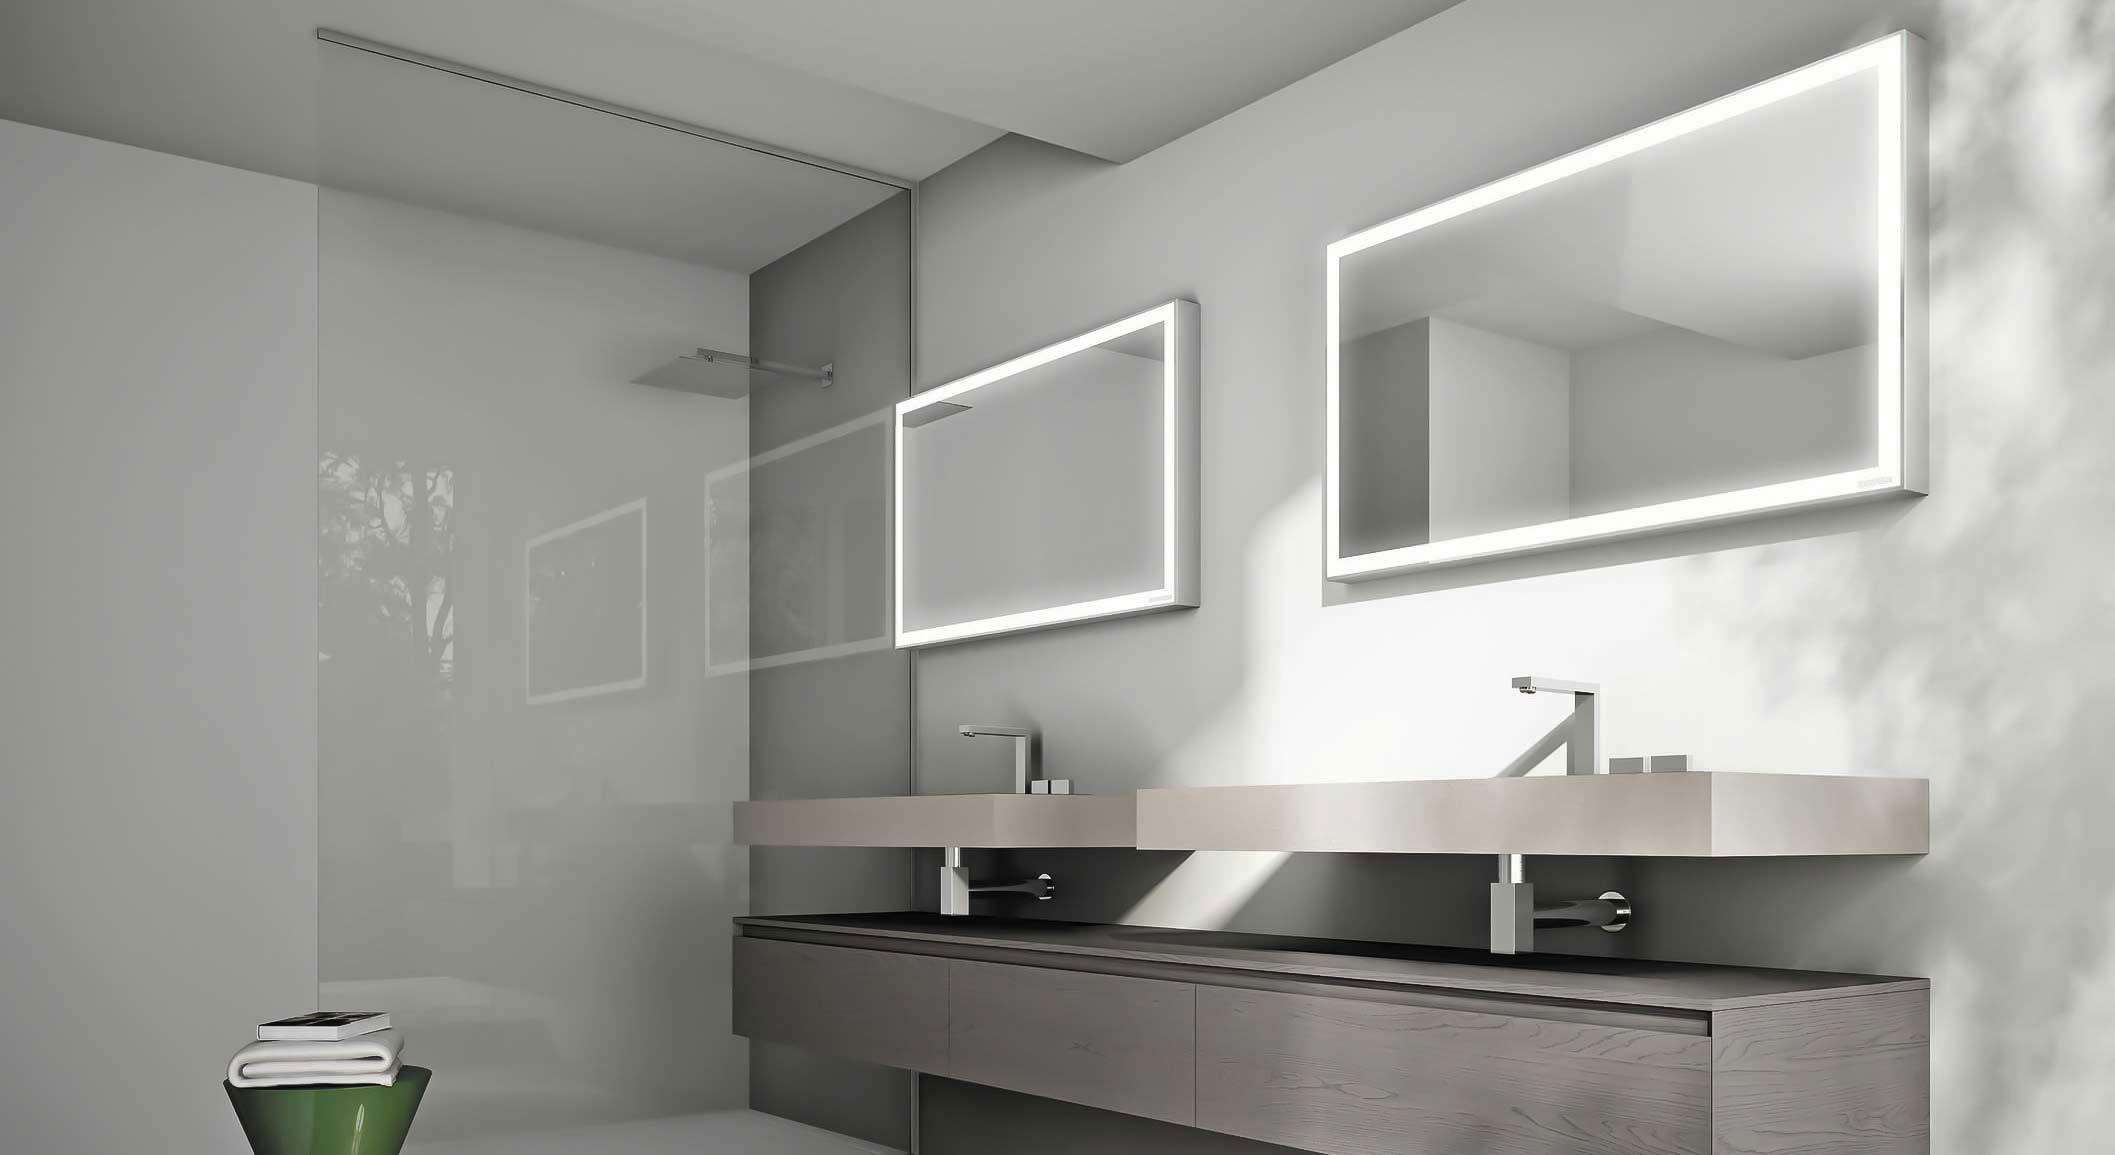 Illuminated Bathroom Mirror Cabinet: LED-vanity-bathroom-mirrors-bathroom-vanity-cabinets